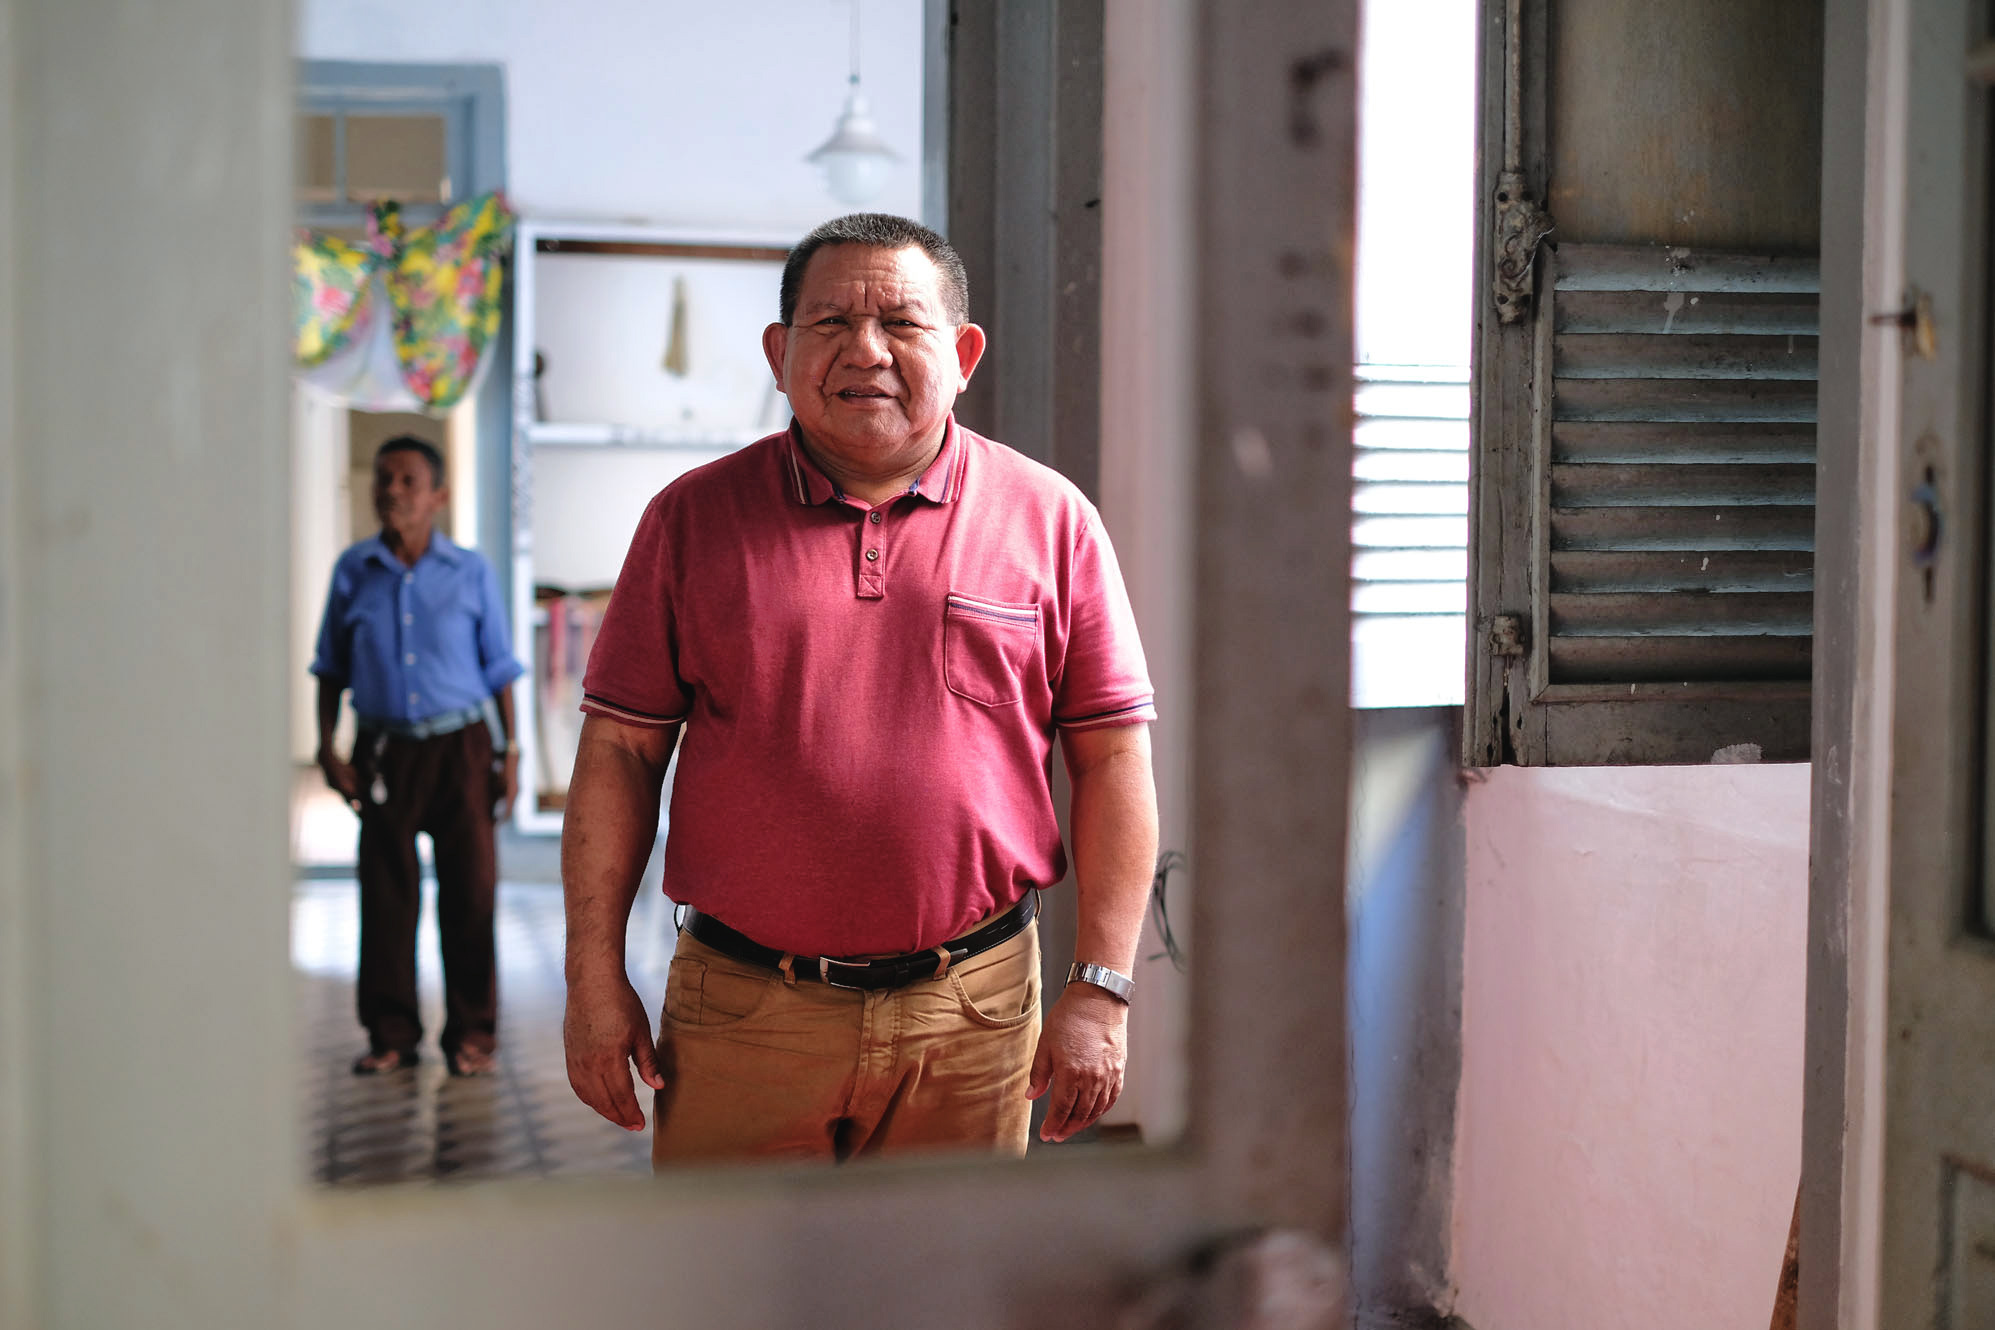 Padre indígena diz que Sínodo é desafio para Igreja e Ecologia na Amazônia